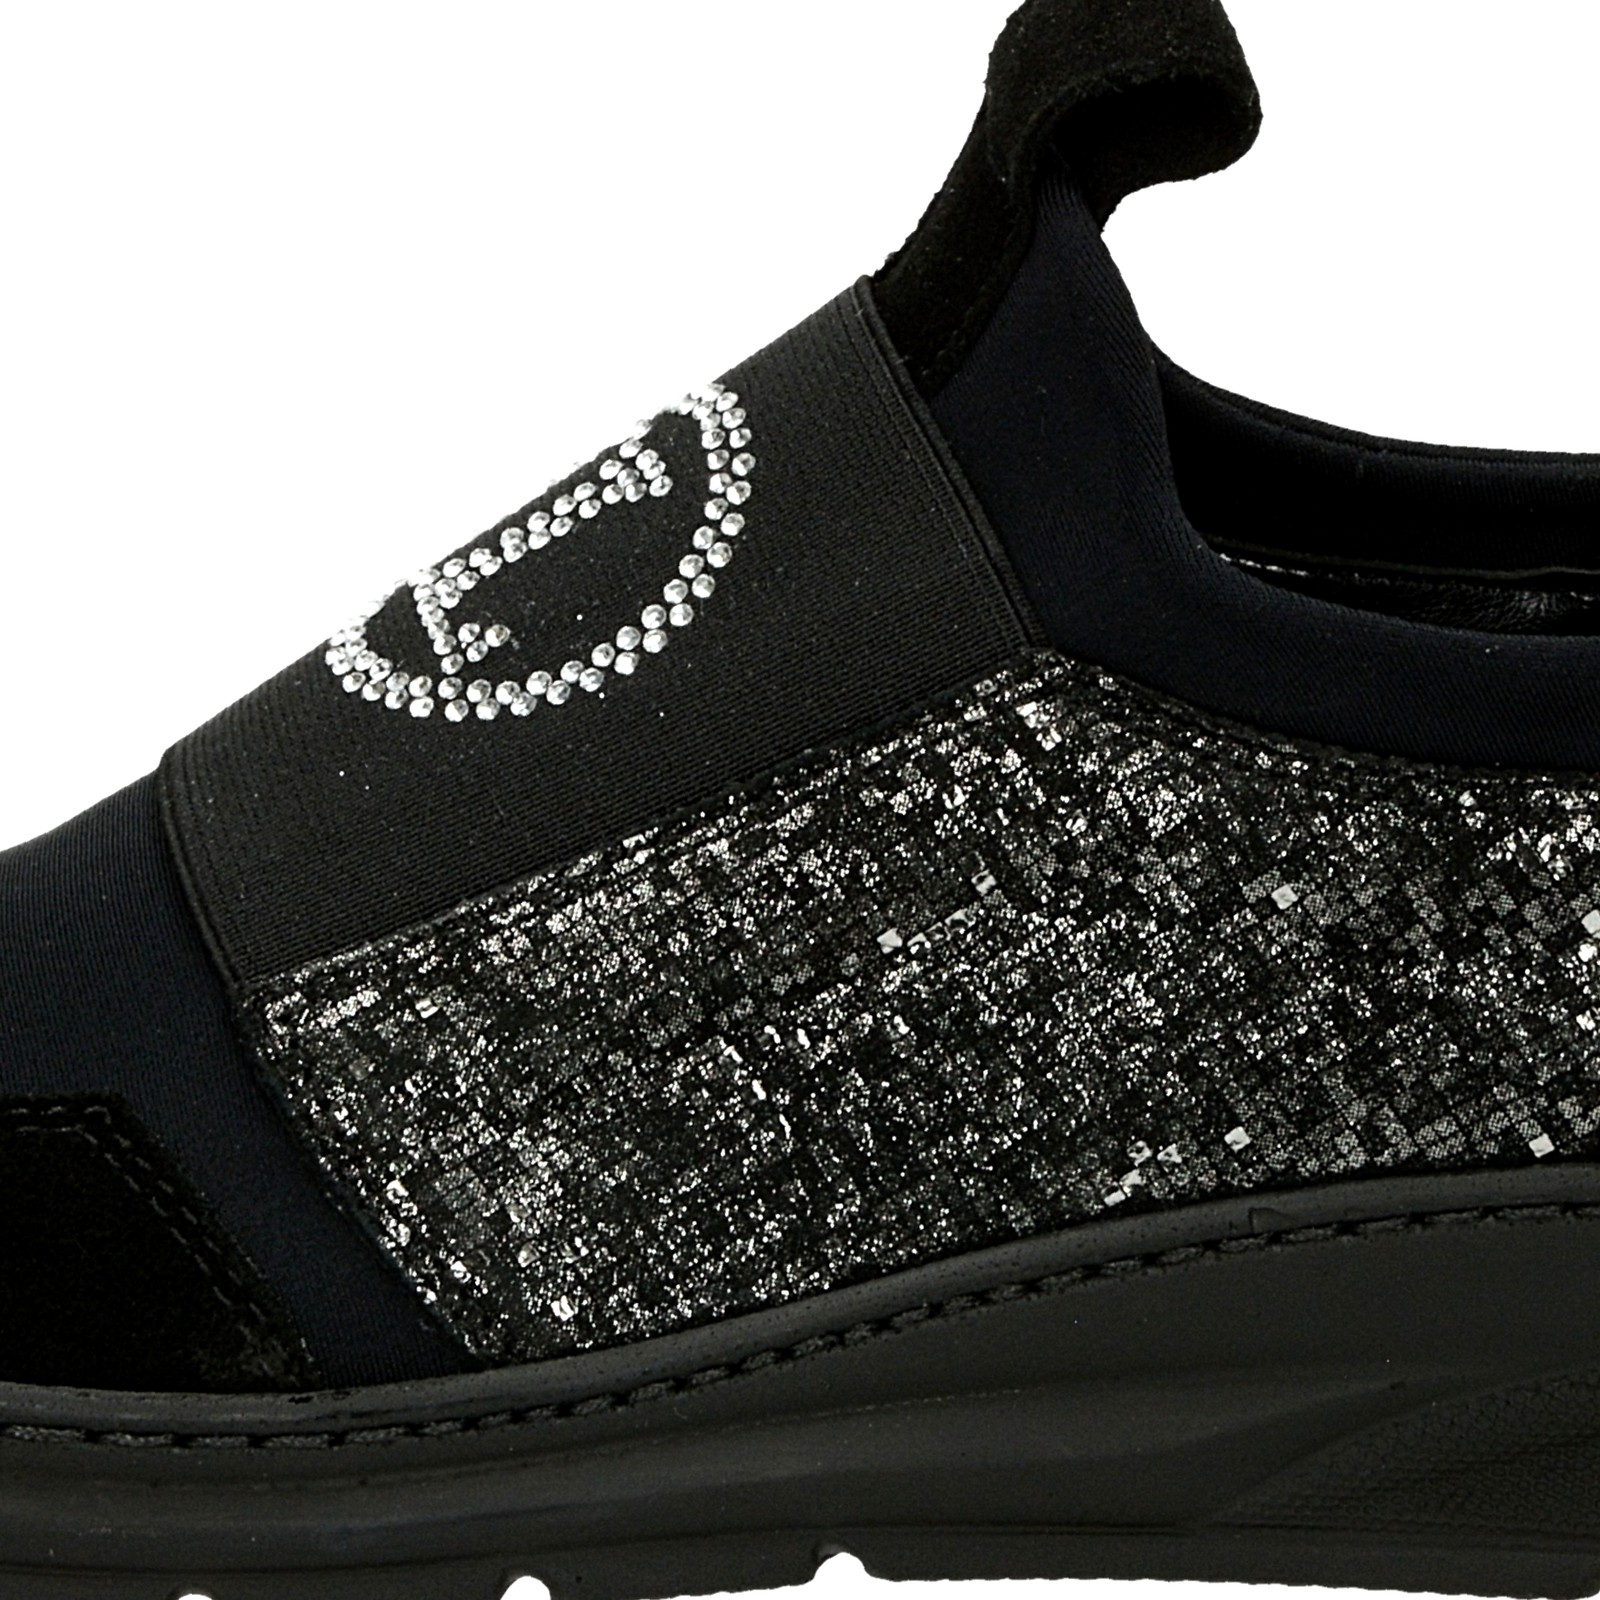 e5d3bfda9068 ... Olivia shoes dámske tenisky s ozdobnými kamienkami - čierne ...